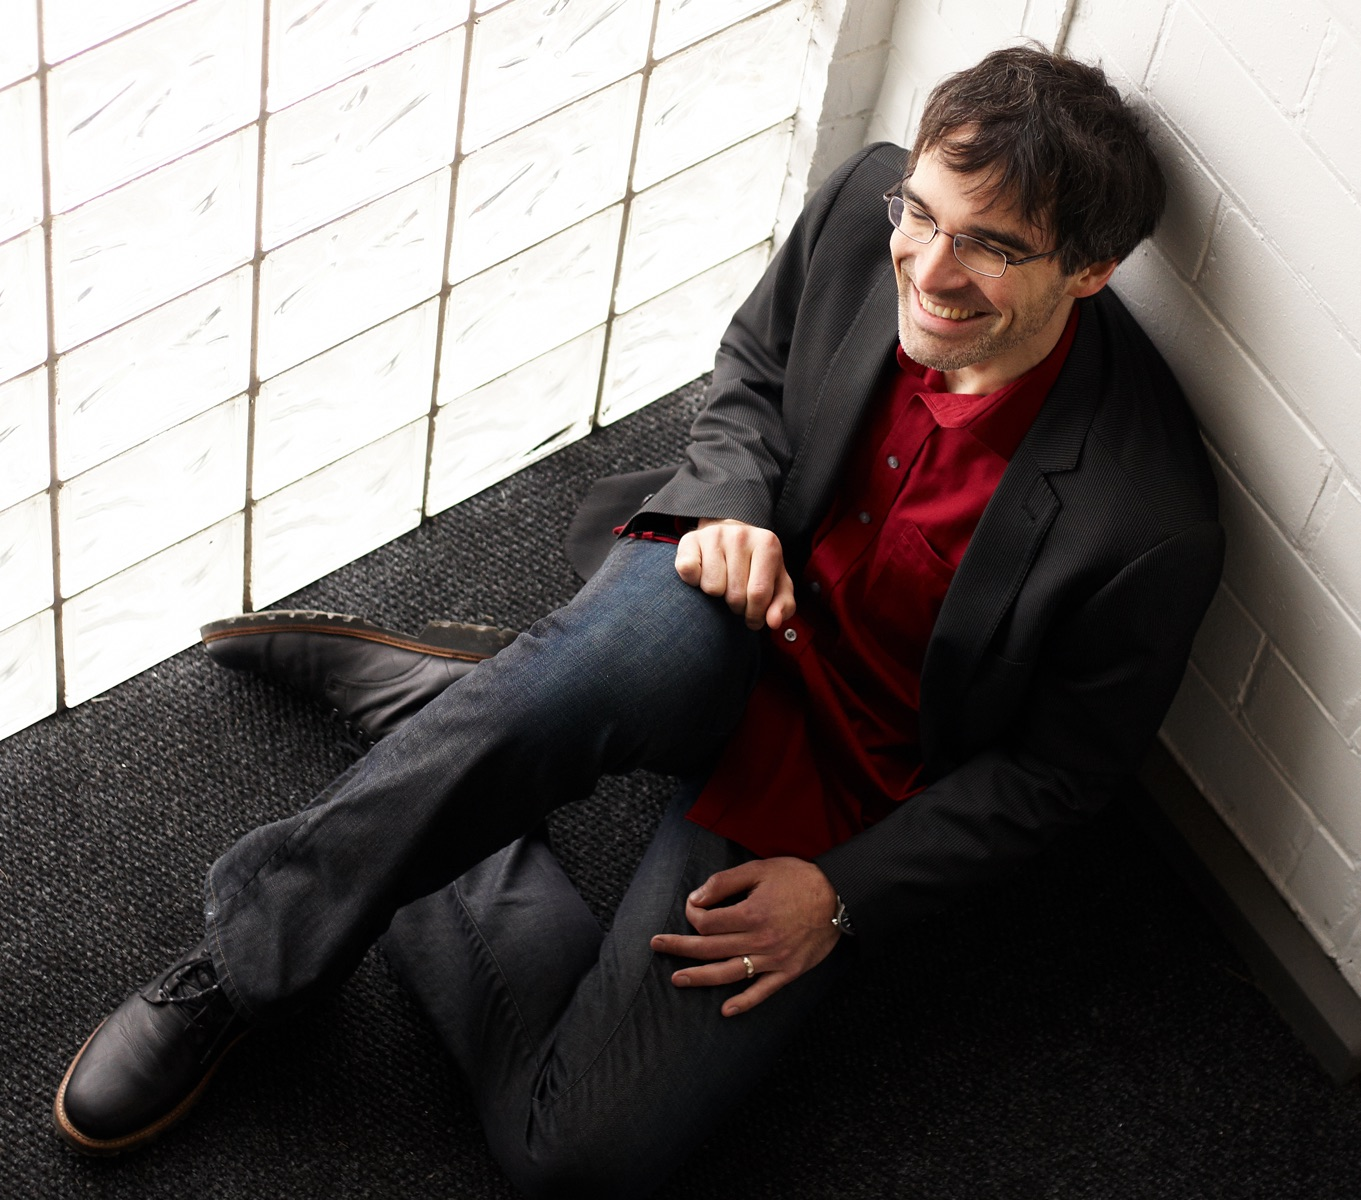 Frank Horvat, composer (Photo by Anita Zvonar)